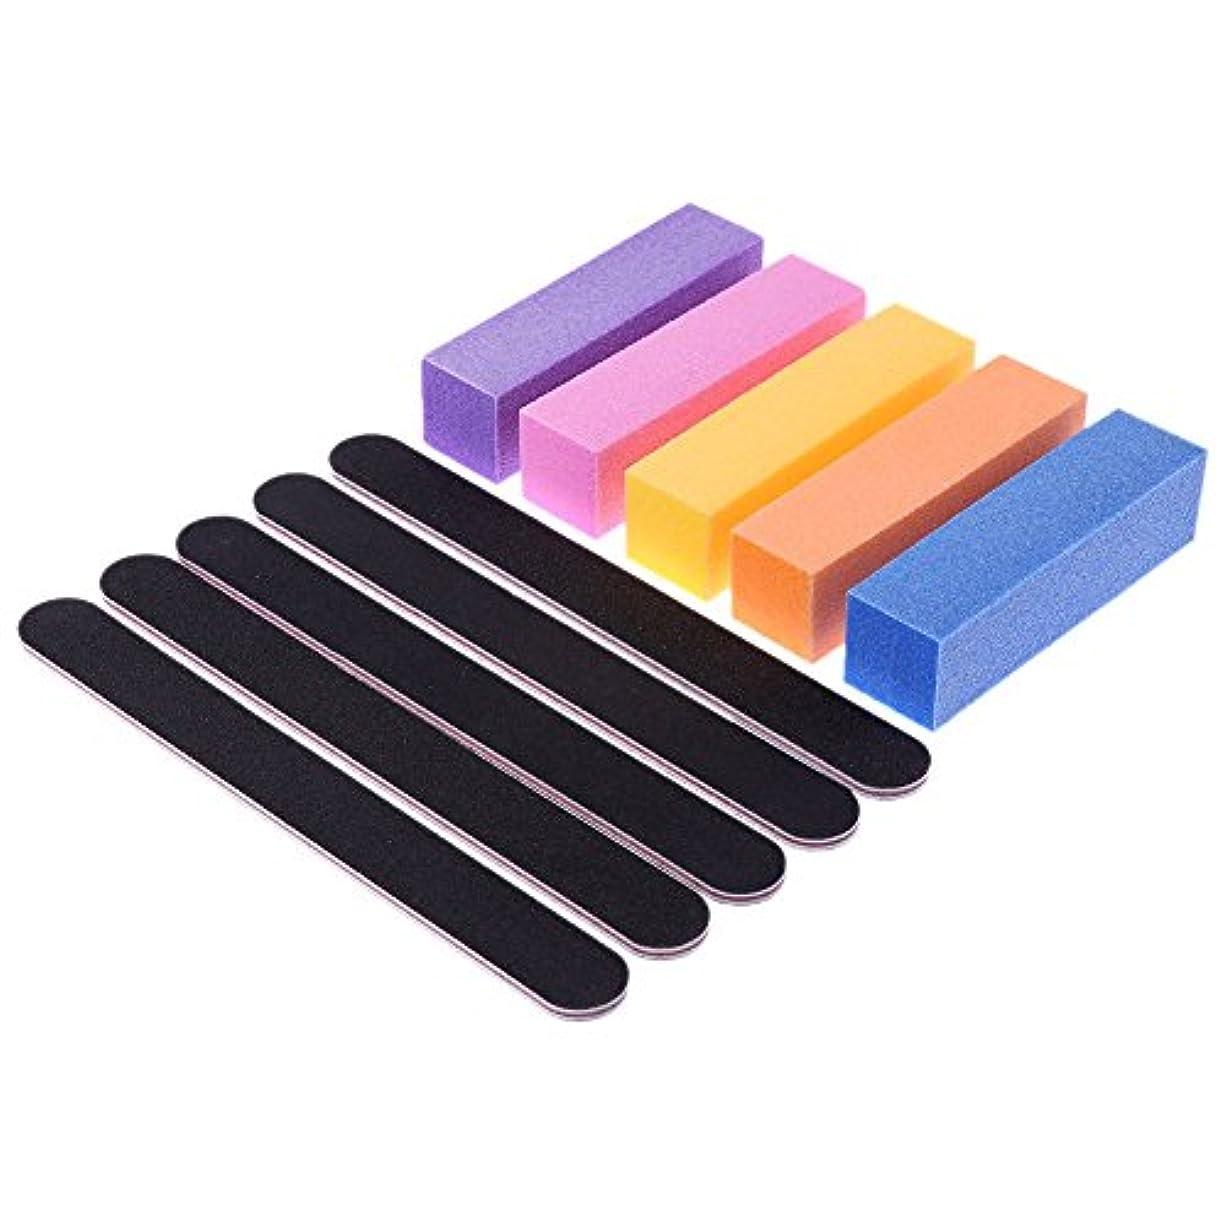 電池財産変形するAEdiea 5pcs/セット ネイルツール ネイル研磨バーツール ネイルの切削 スクエア ネイルグラインダーブロック 無味 釘サンディングバーツール